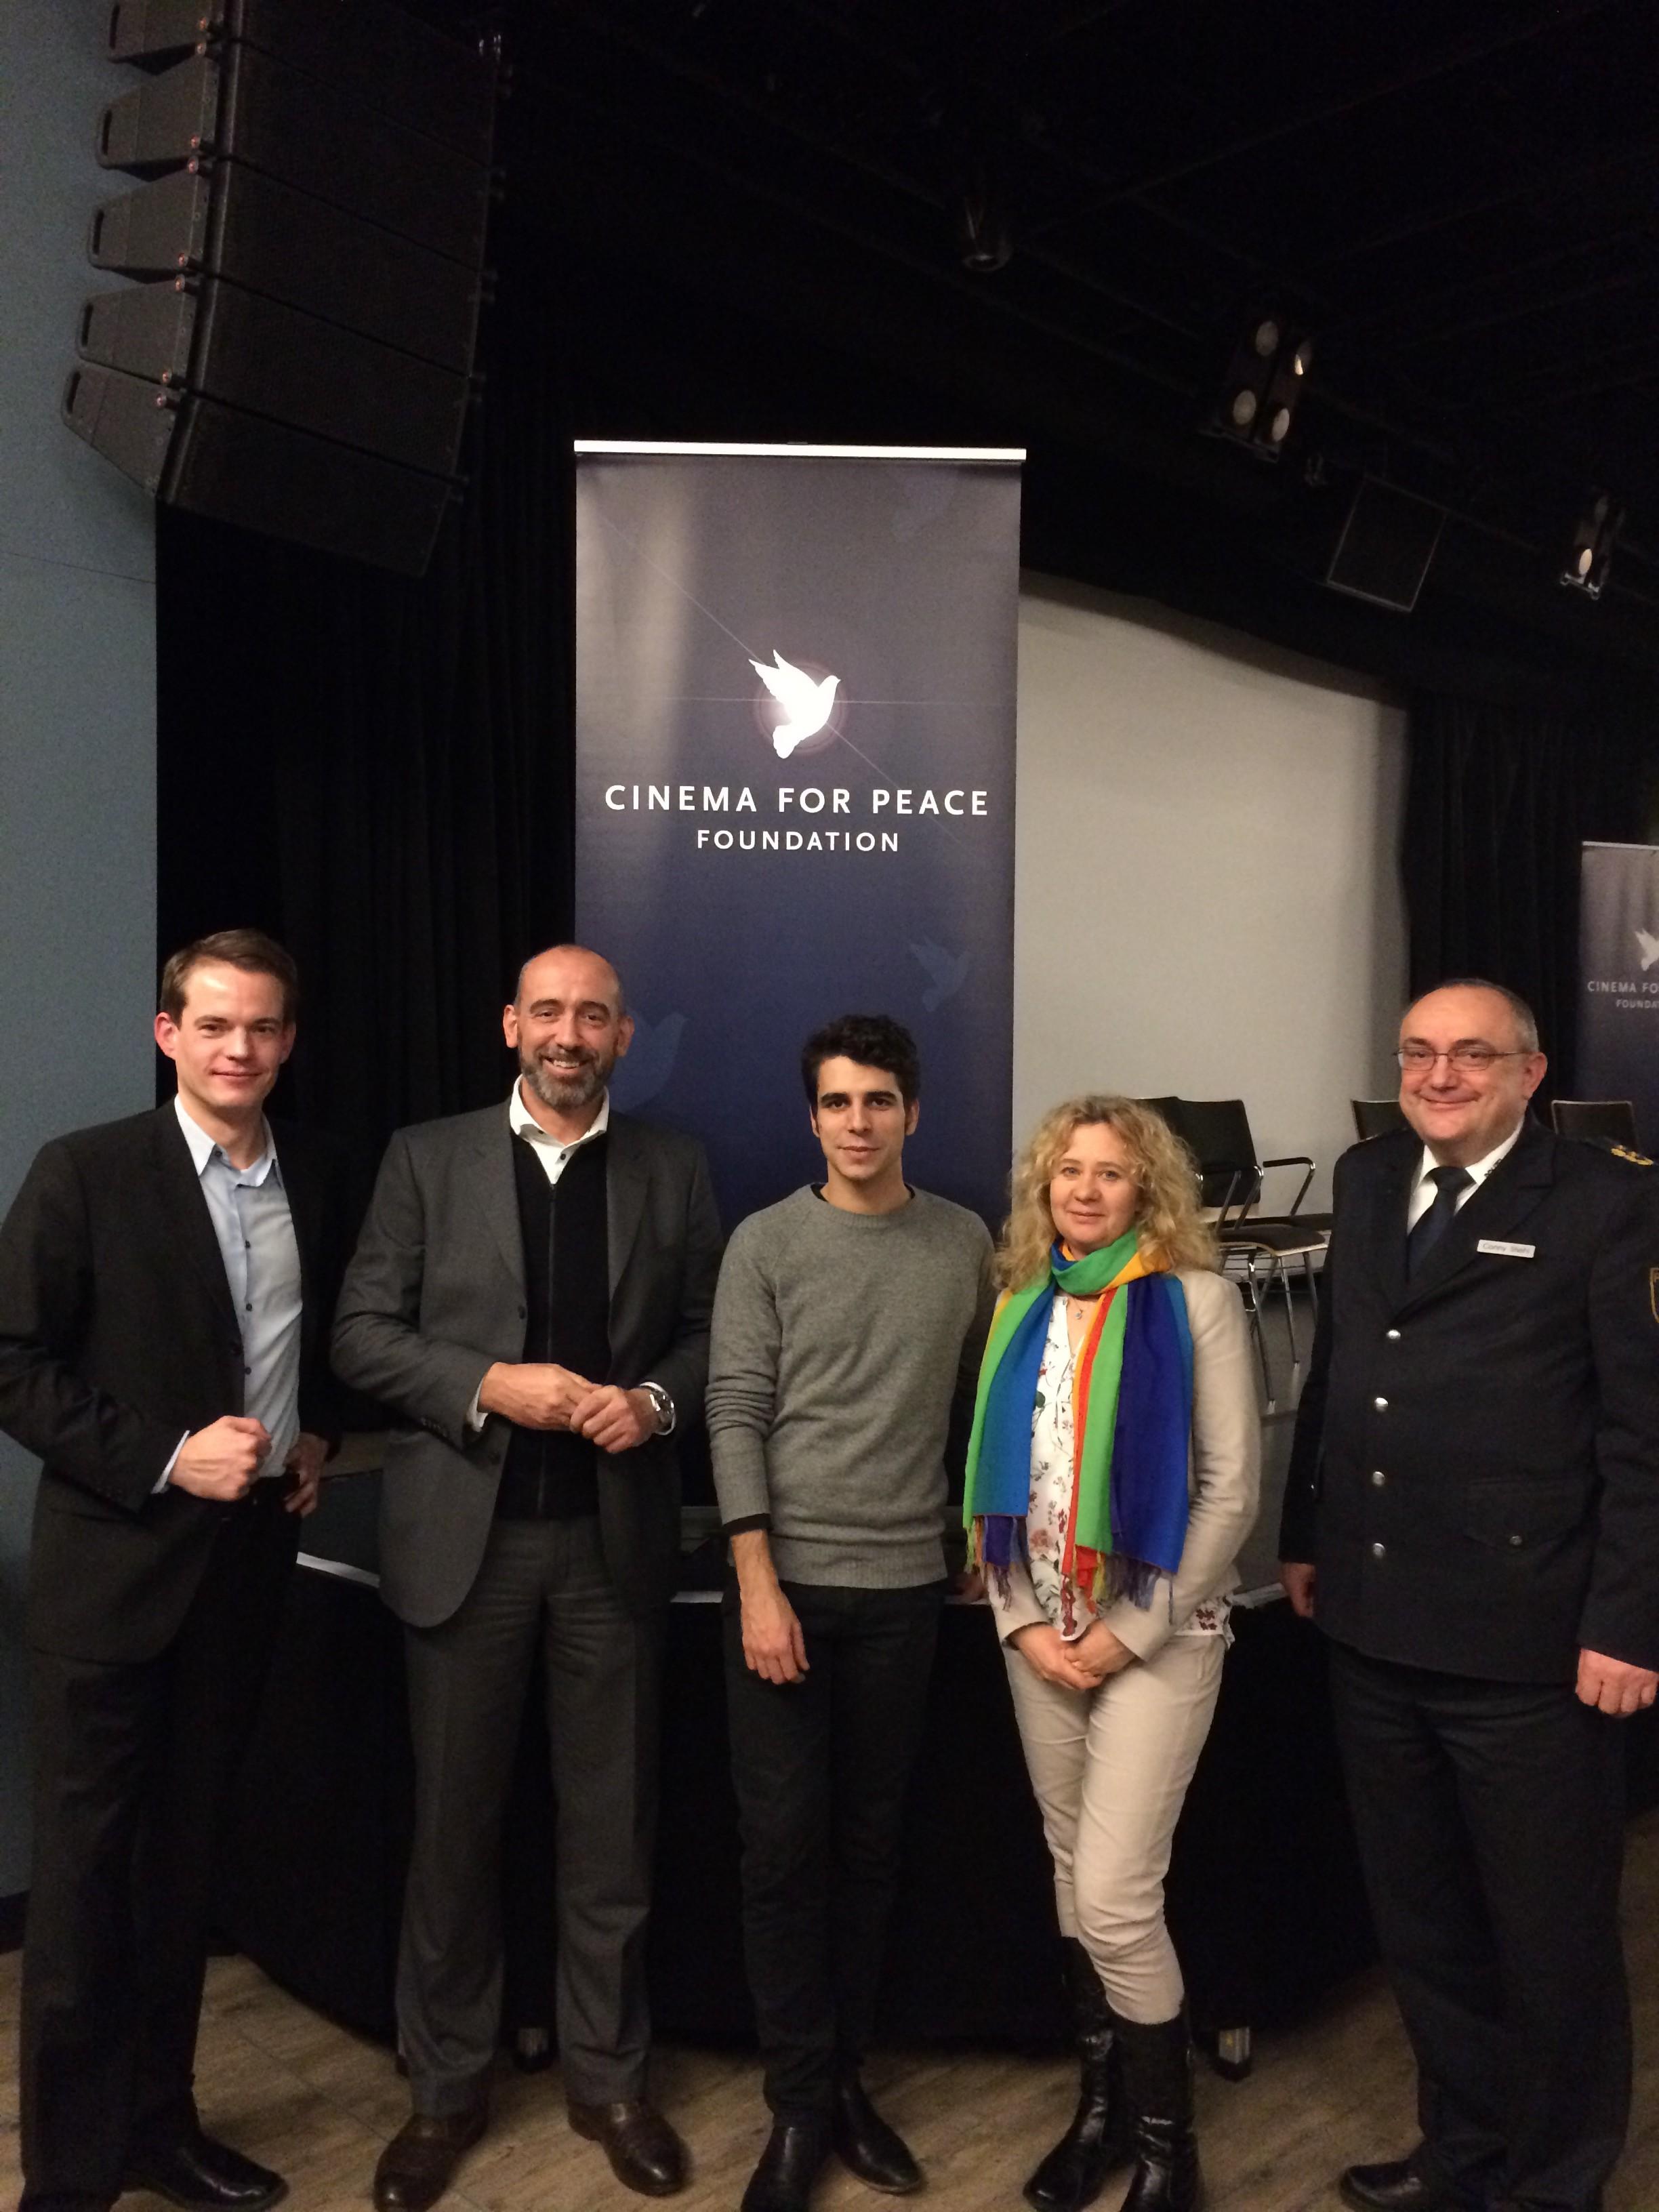 (von links): Ich, Oberbürgermeister Alexander Ahrens, Regisseur und Produzent Jakob Brossmann, Ausländerbeauftragte Anna Pientak-Malinowska und Polizeipräsident Conny Stiehl